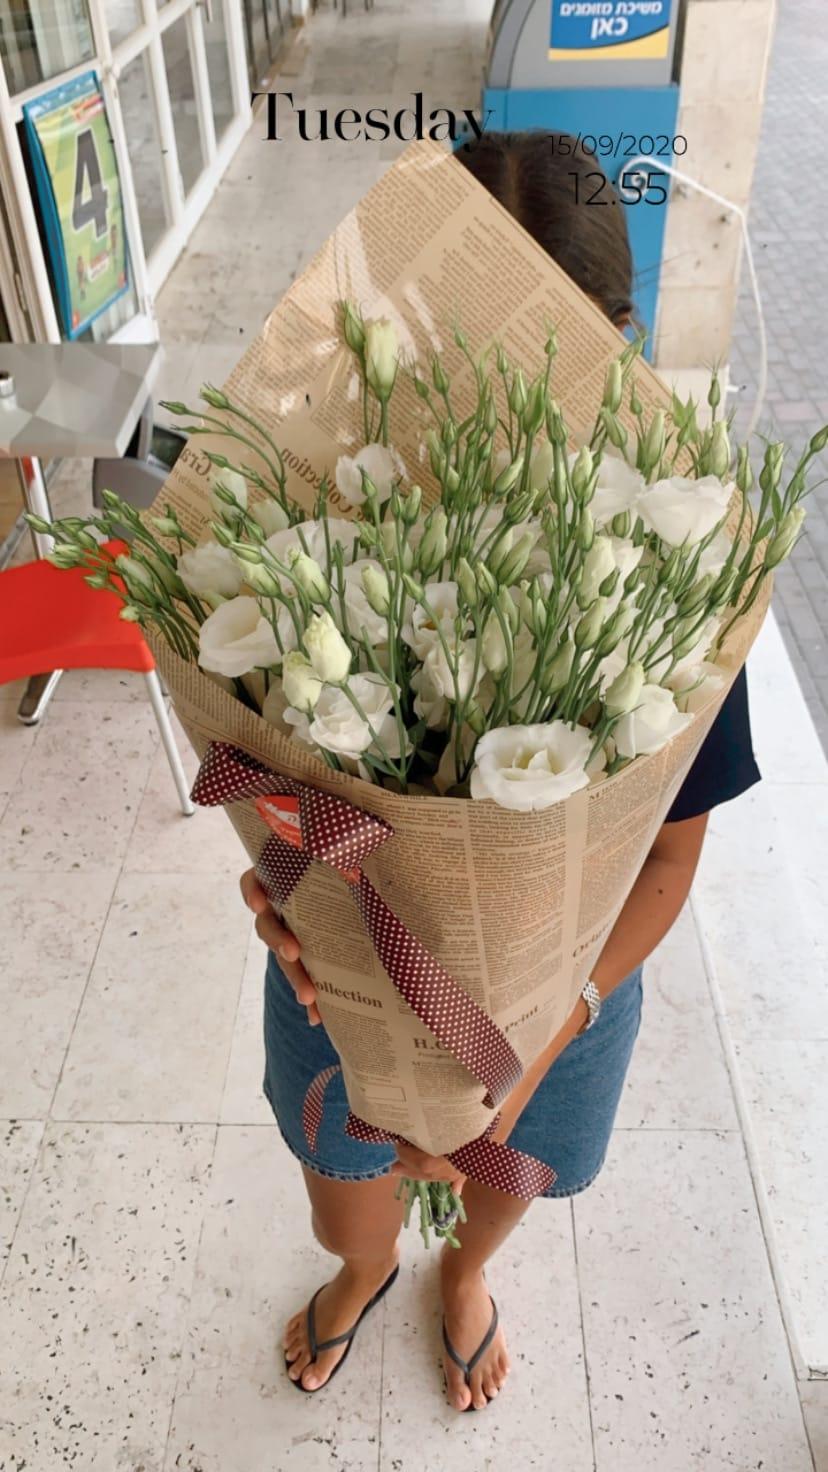 ליזי לבן בנייר עיתון - פרח באהבה - אילת